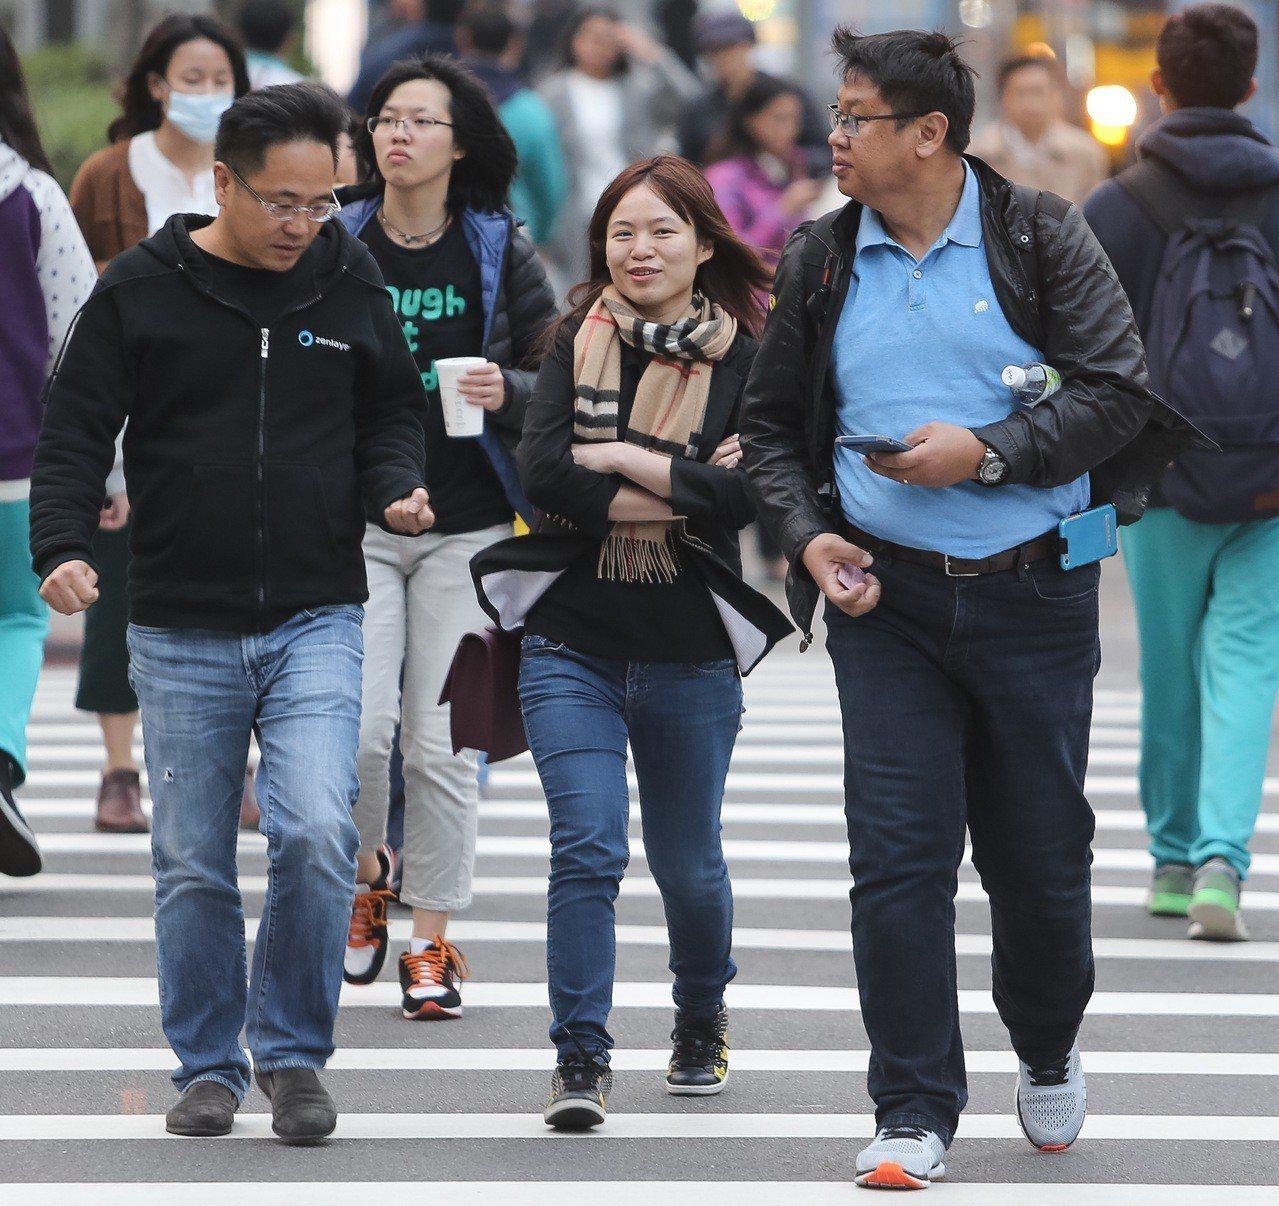 未來一周天氣,要把握穩定溫暖的前半周,周五起北台灣天氣轉涼偶雨。 聯合報系資料照...